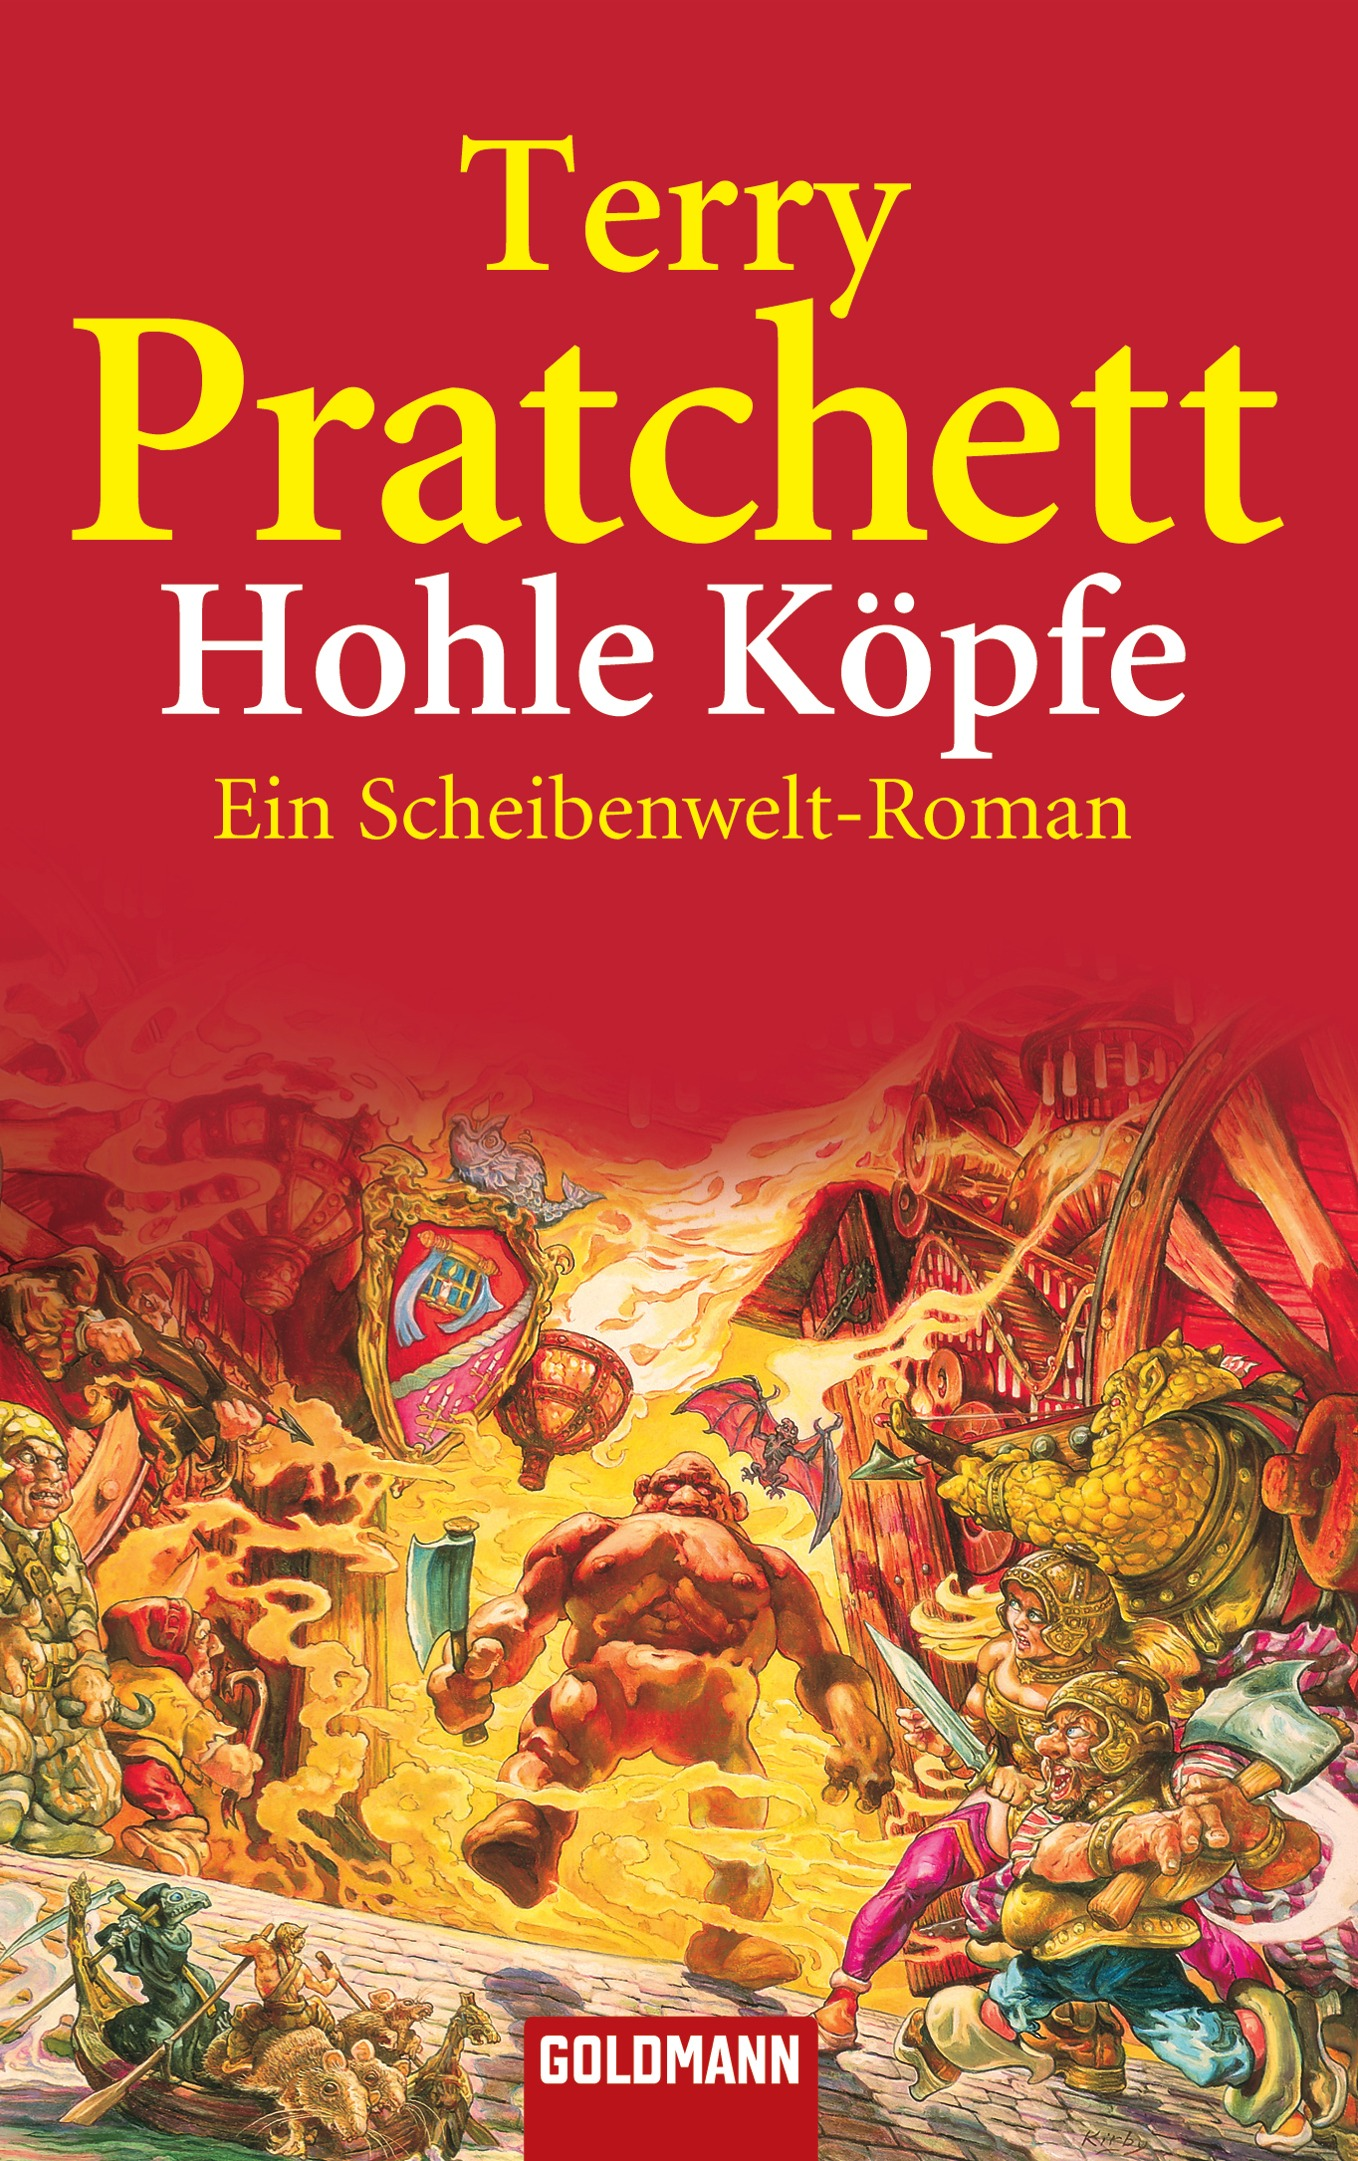 Hohle Köpfe - Ein Scheibenwelt-Roman - Terry Pratchett